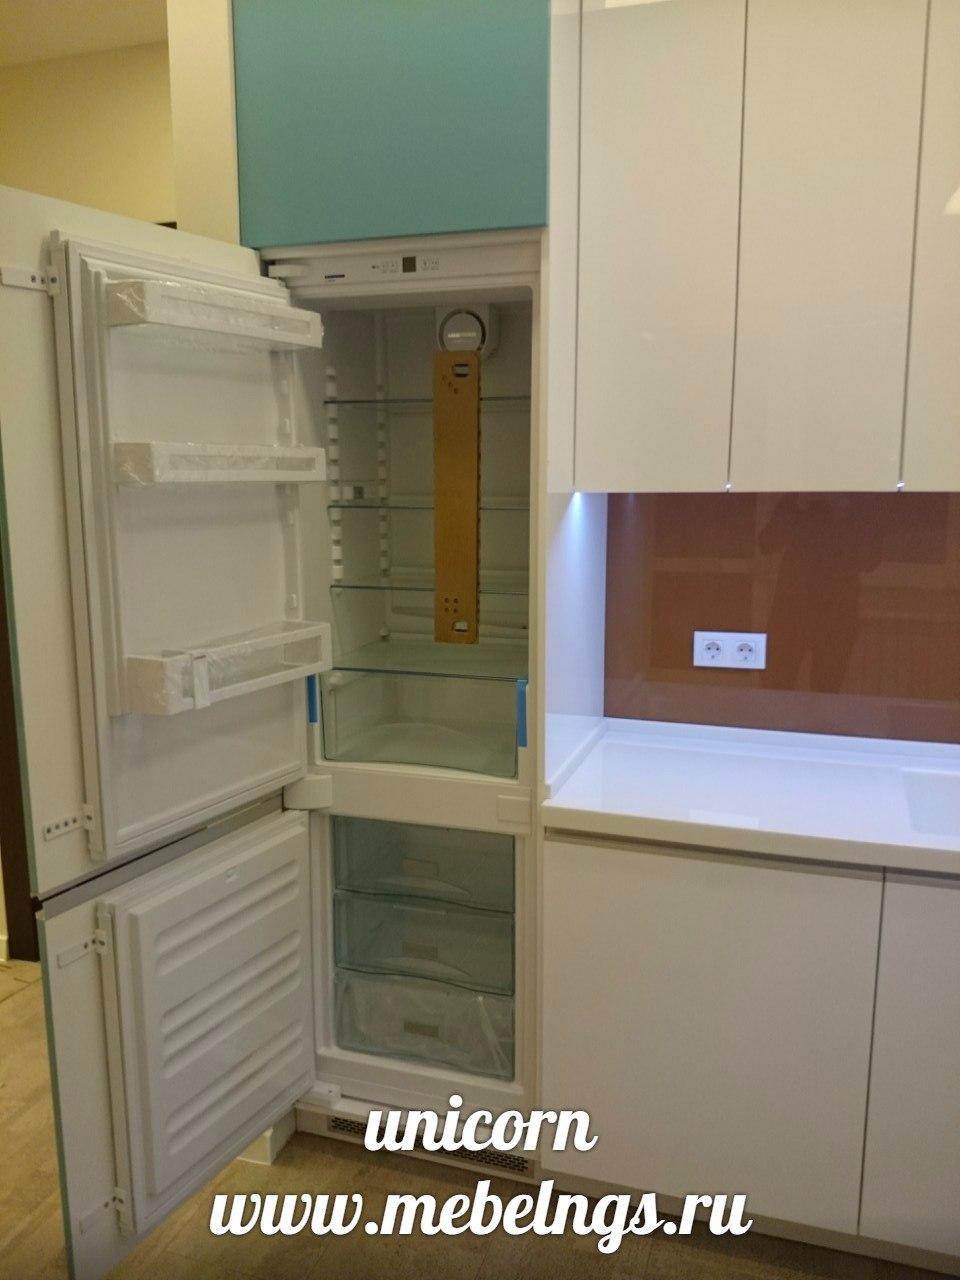 кухонный гарнитур со встроенным холодильником